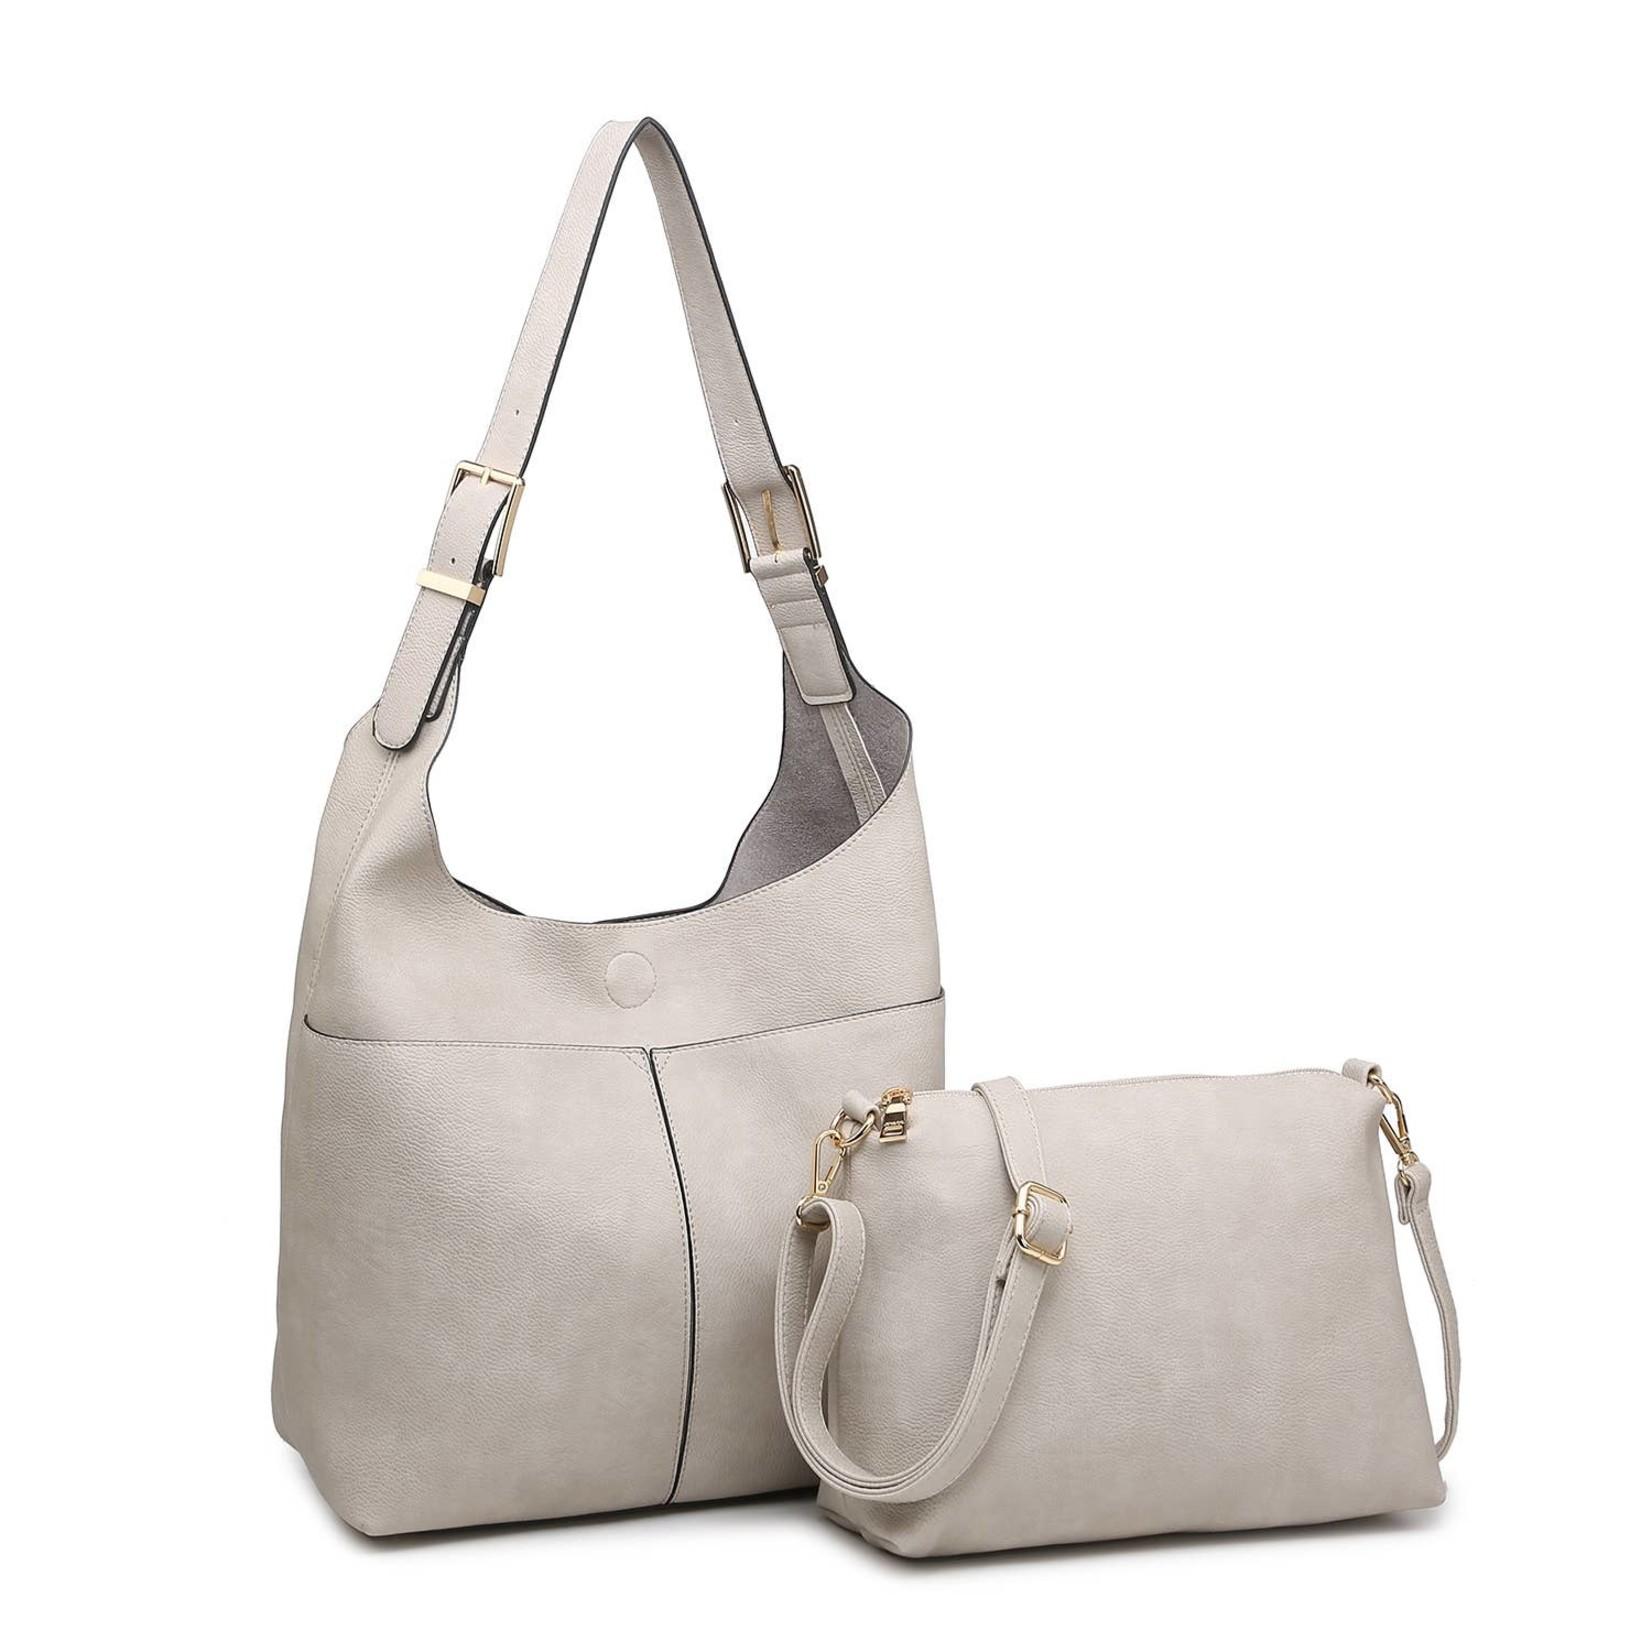 Ida Slouchy Hobo Bag w/Adjustable Strap in Lt Grey